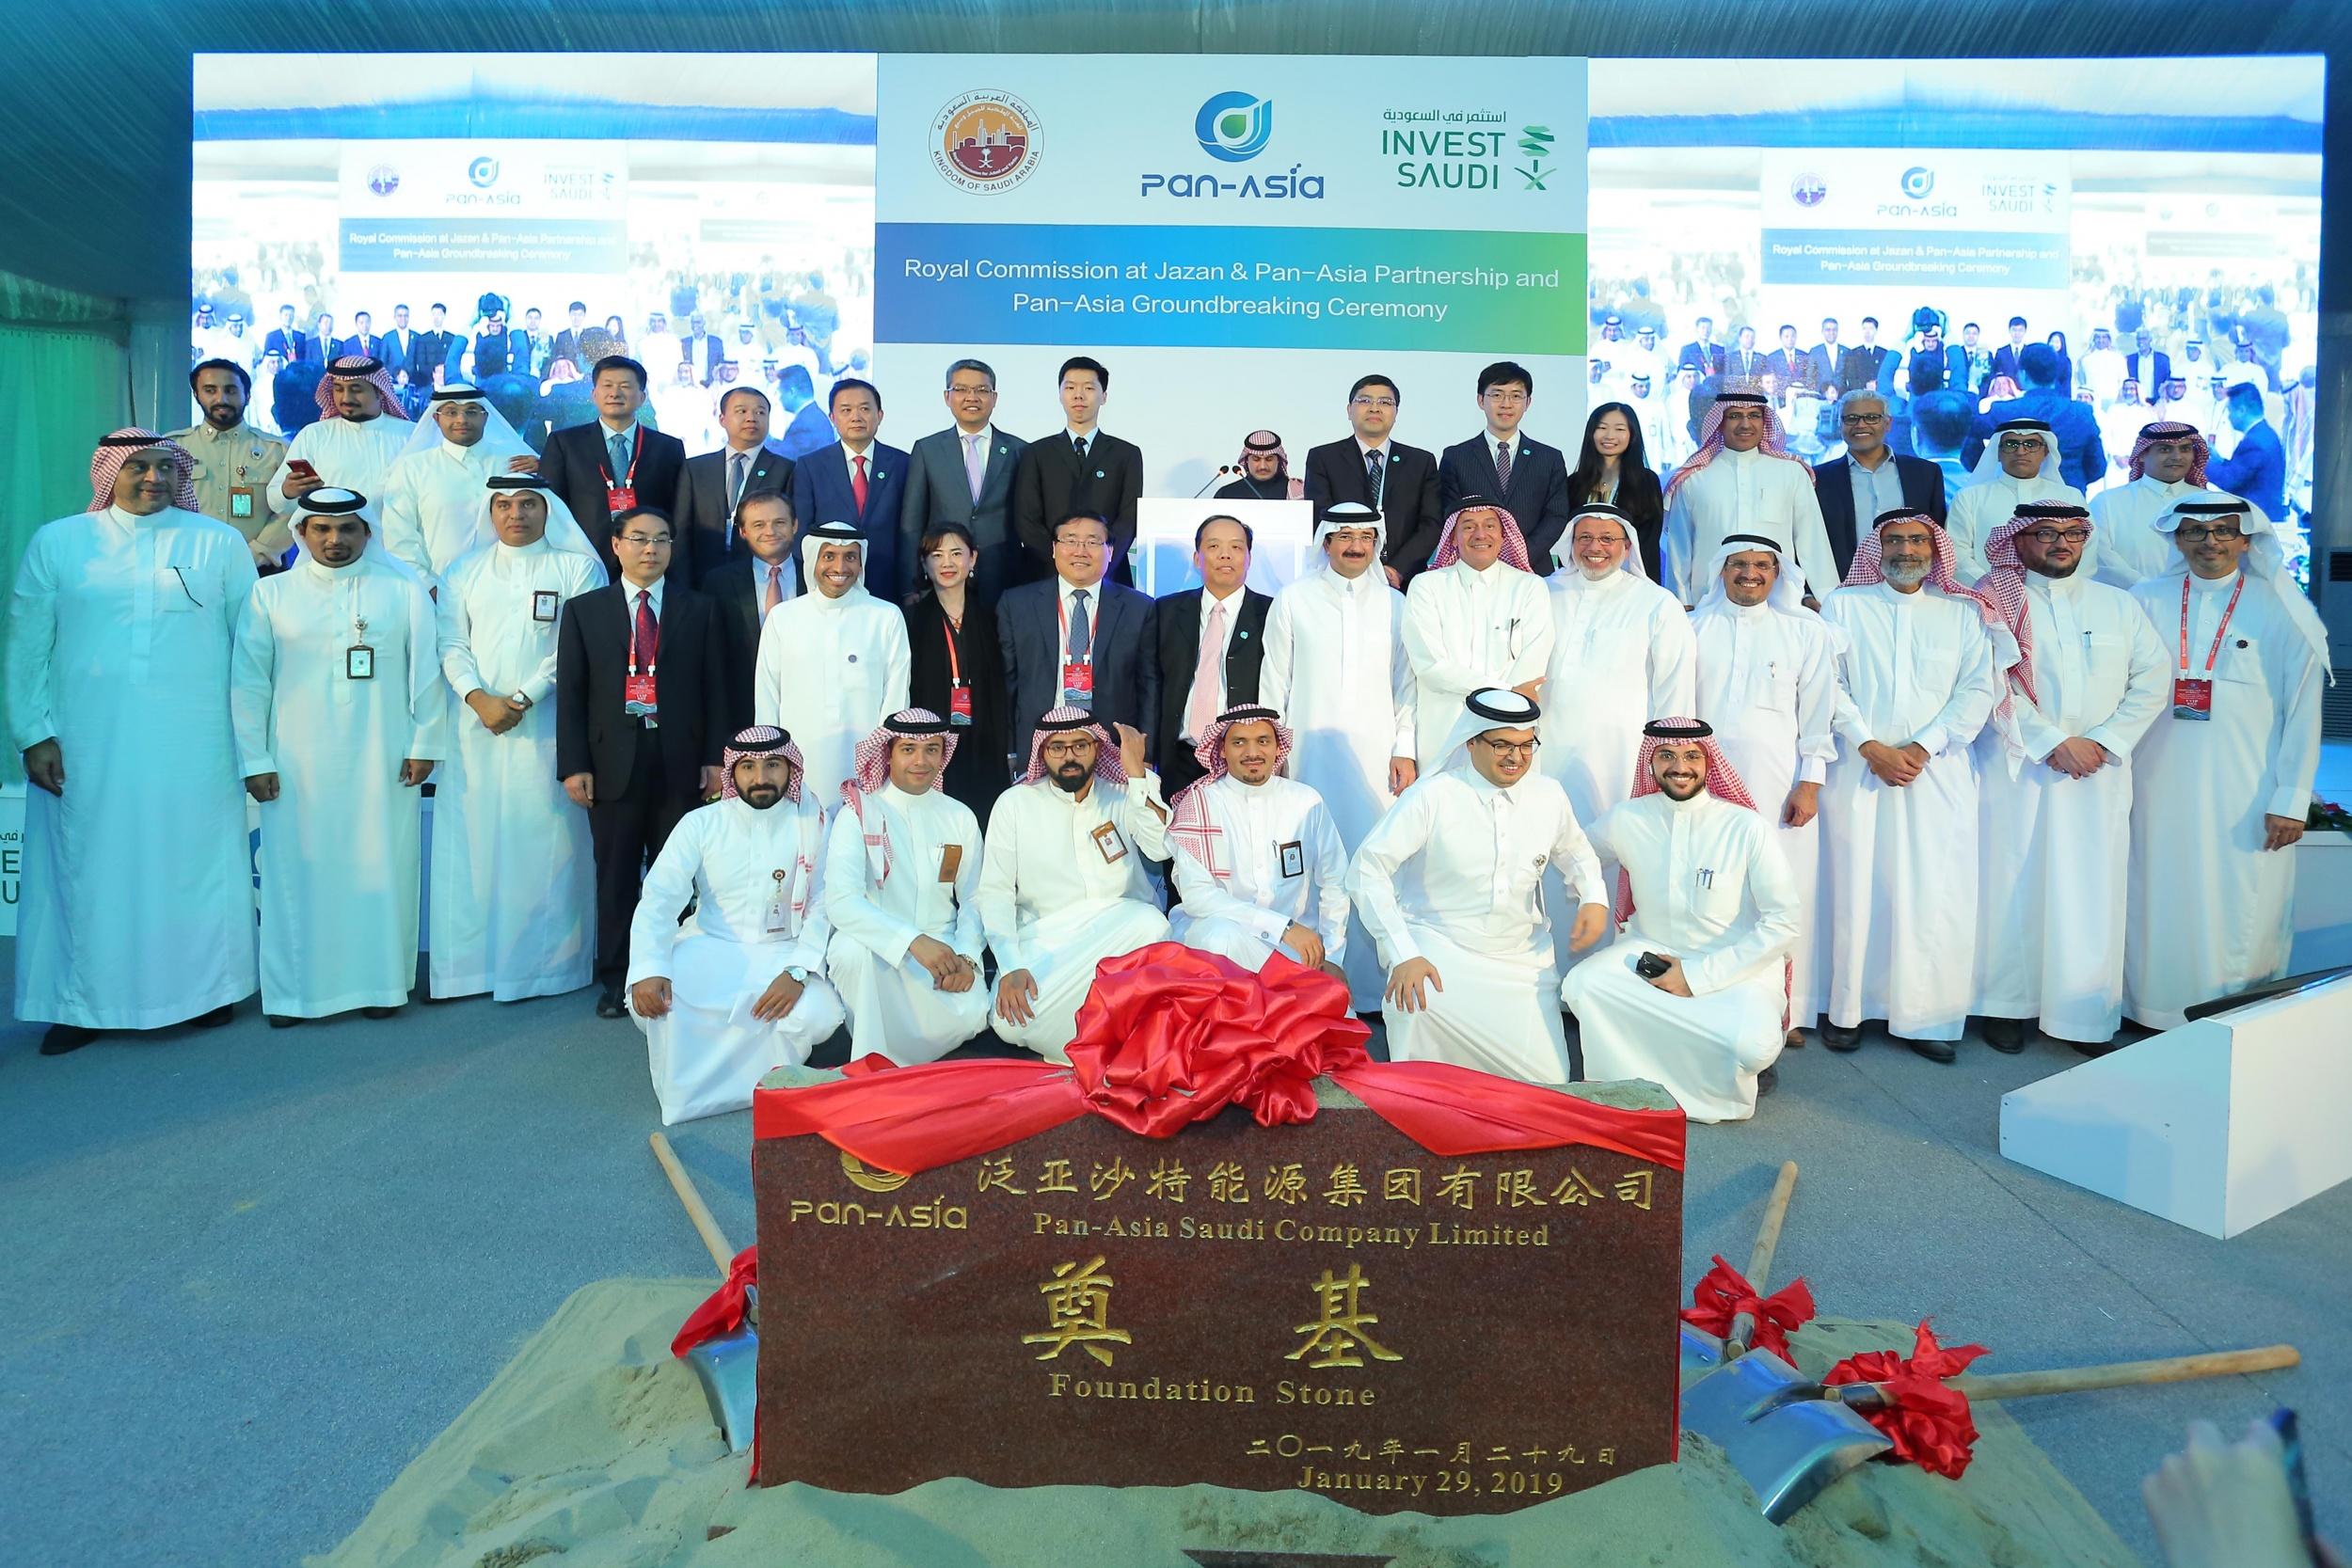 泛亚沙特石油化工化纤一体化项目奠基仪式成功举办